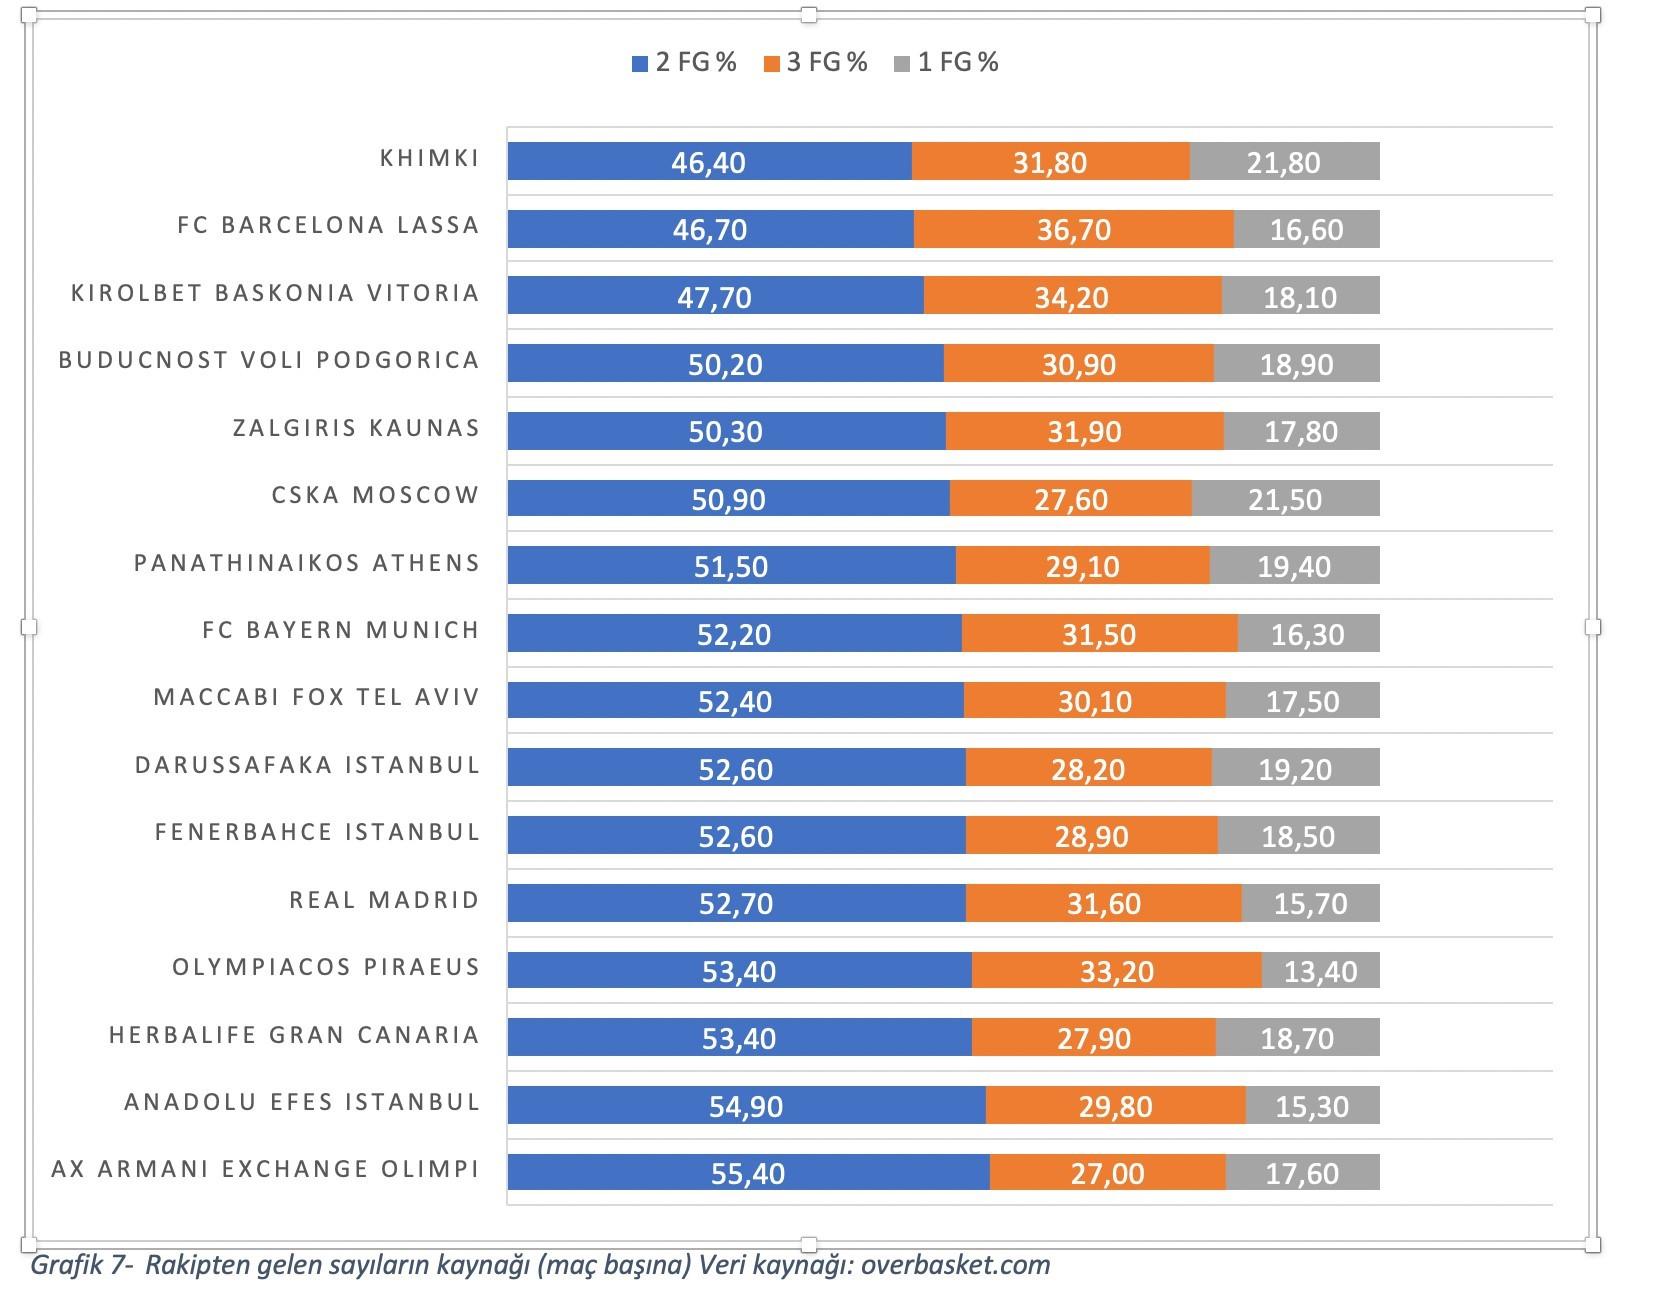 Grafik 7- Rakipten gelen sayıların kaynağı (maç başına) Veri kaynağı: overbasket.com